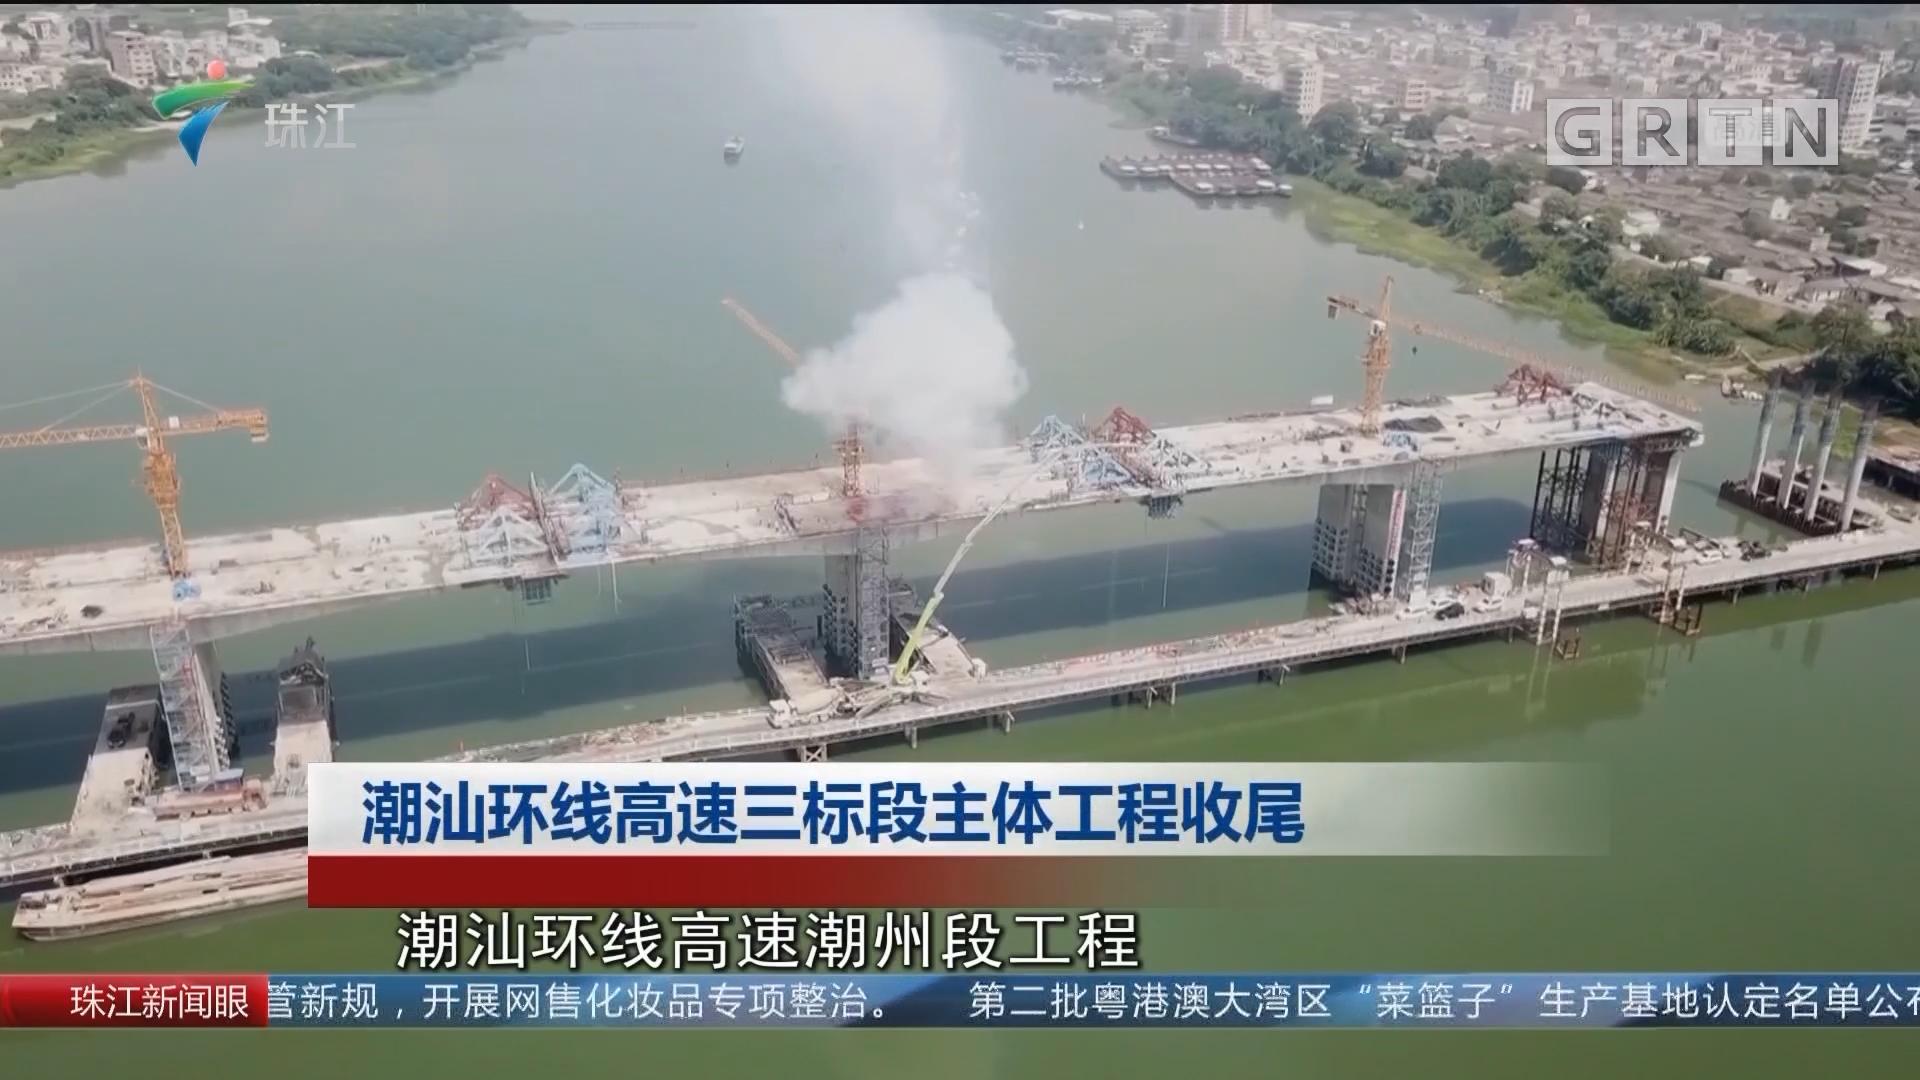 潮汕環線高速三標段主體工程收尾